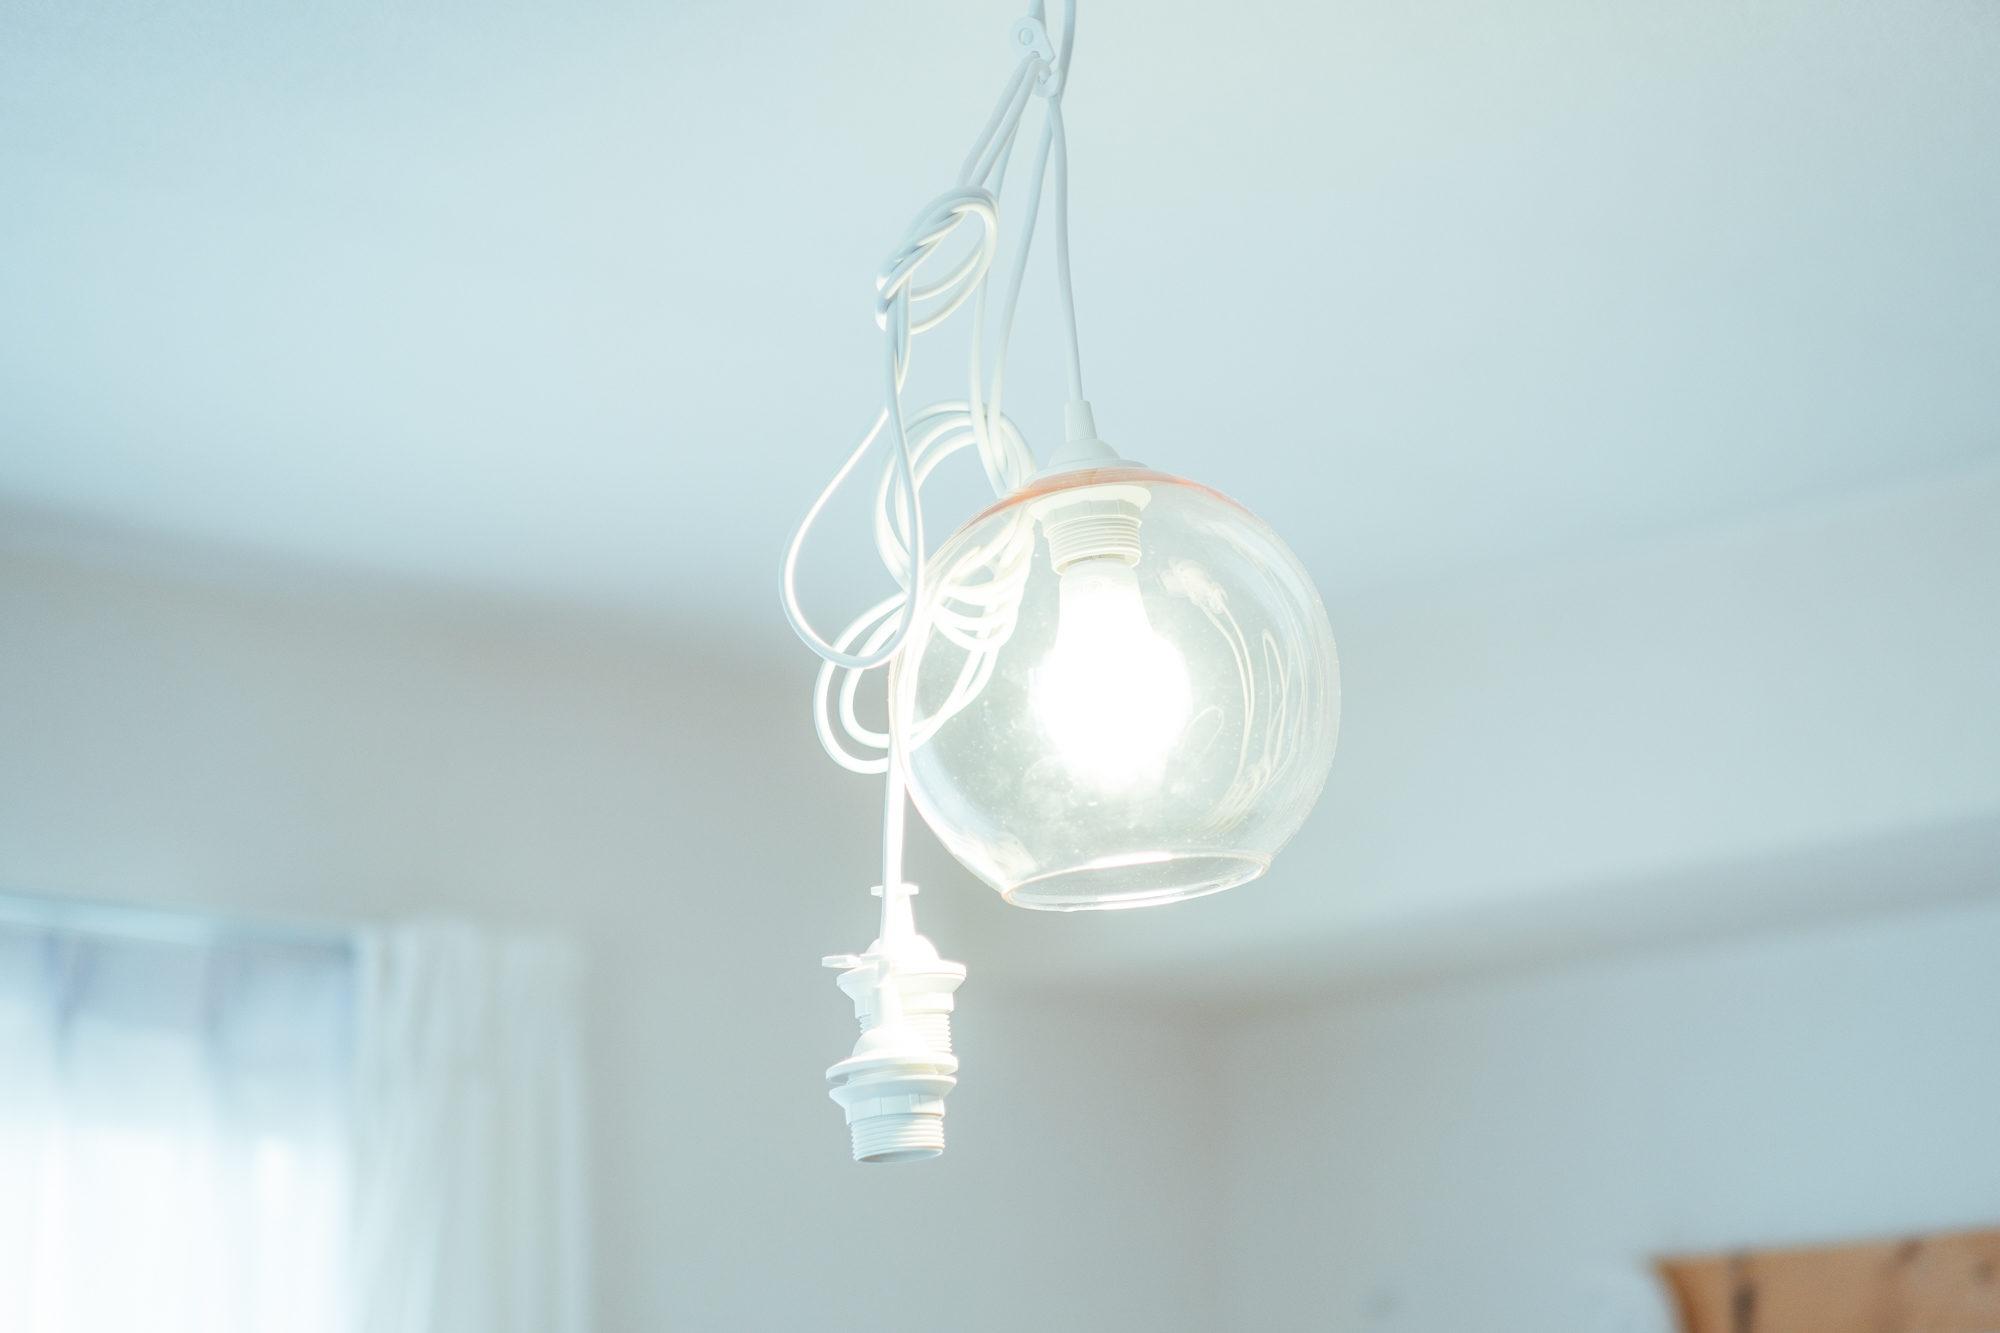 メインの照明はIKEAのスマート照明を使い、オンオフはもちろん、明るさや暖色寒色の切り替えも可能。